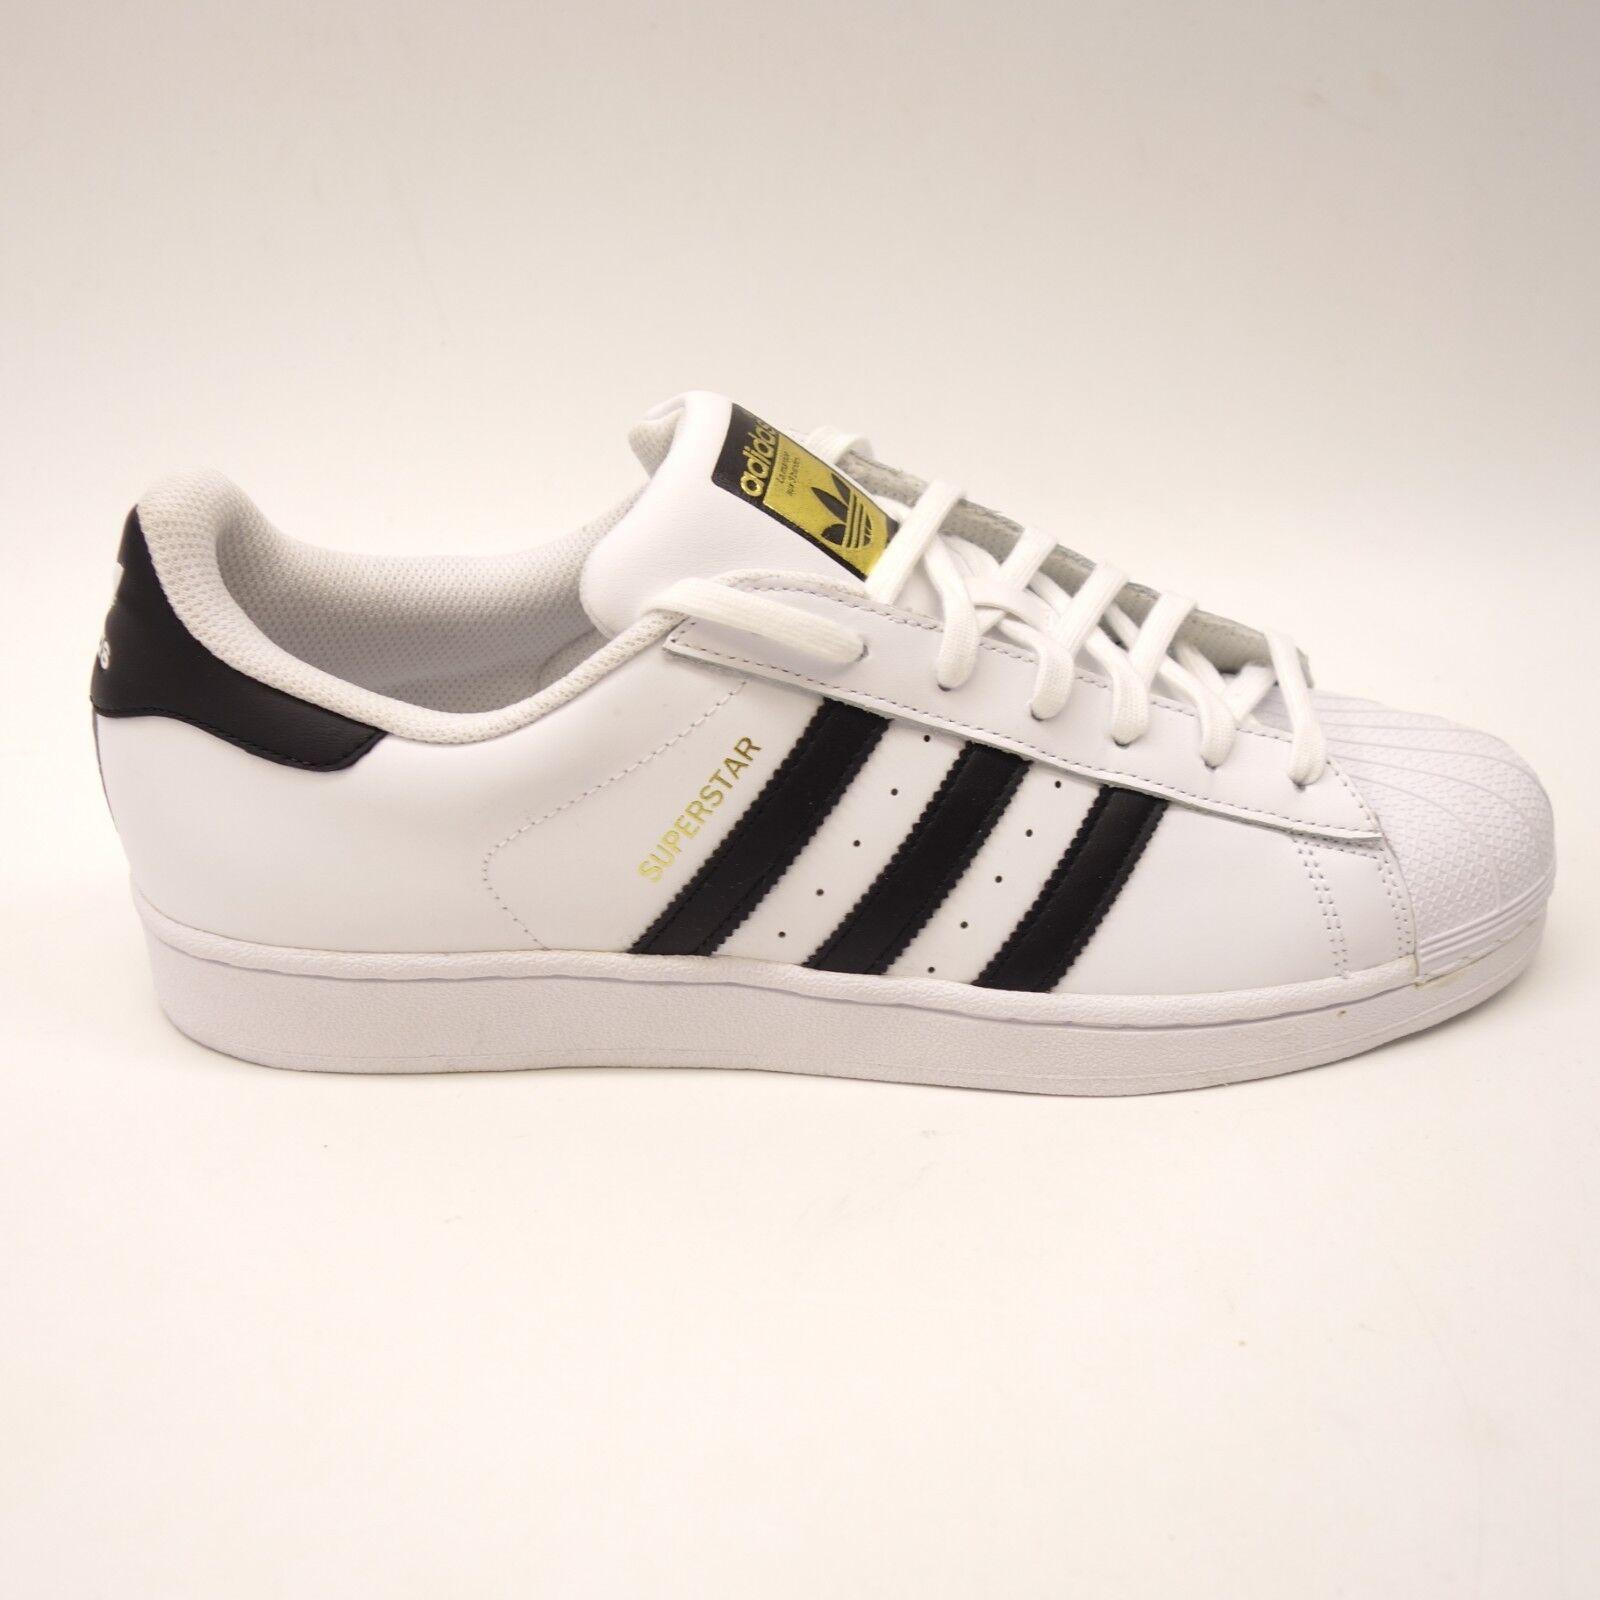 Nuevo Adidas blancoo de Hombre Negro oro Acento Superstar Zapatillas C77124 Talla